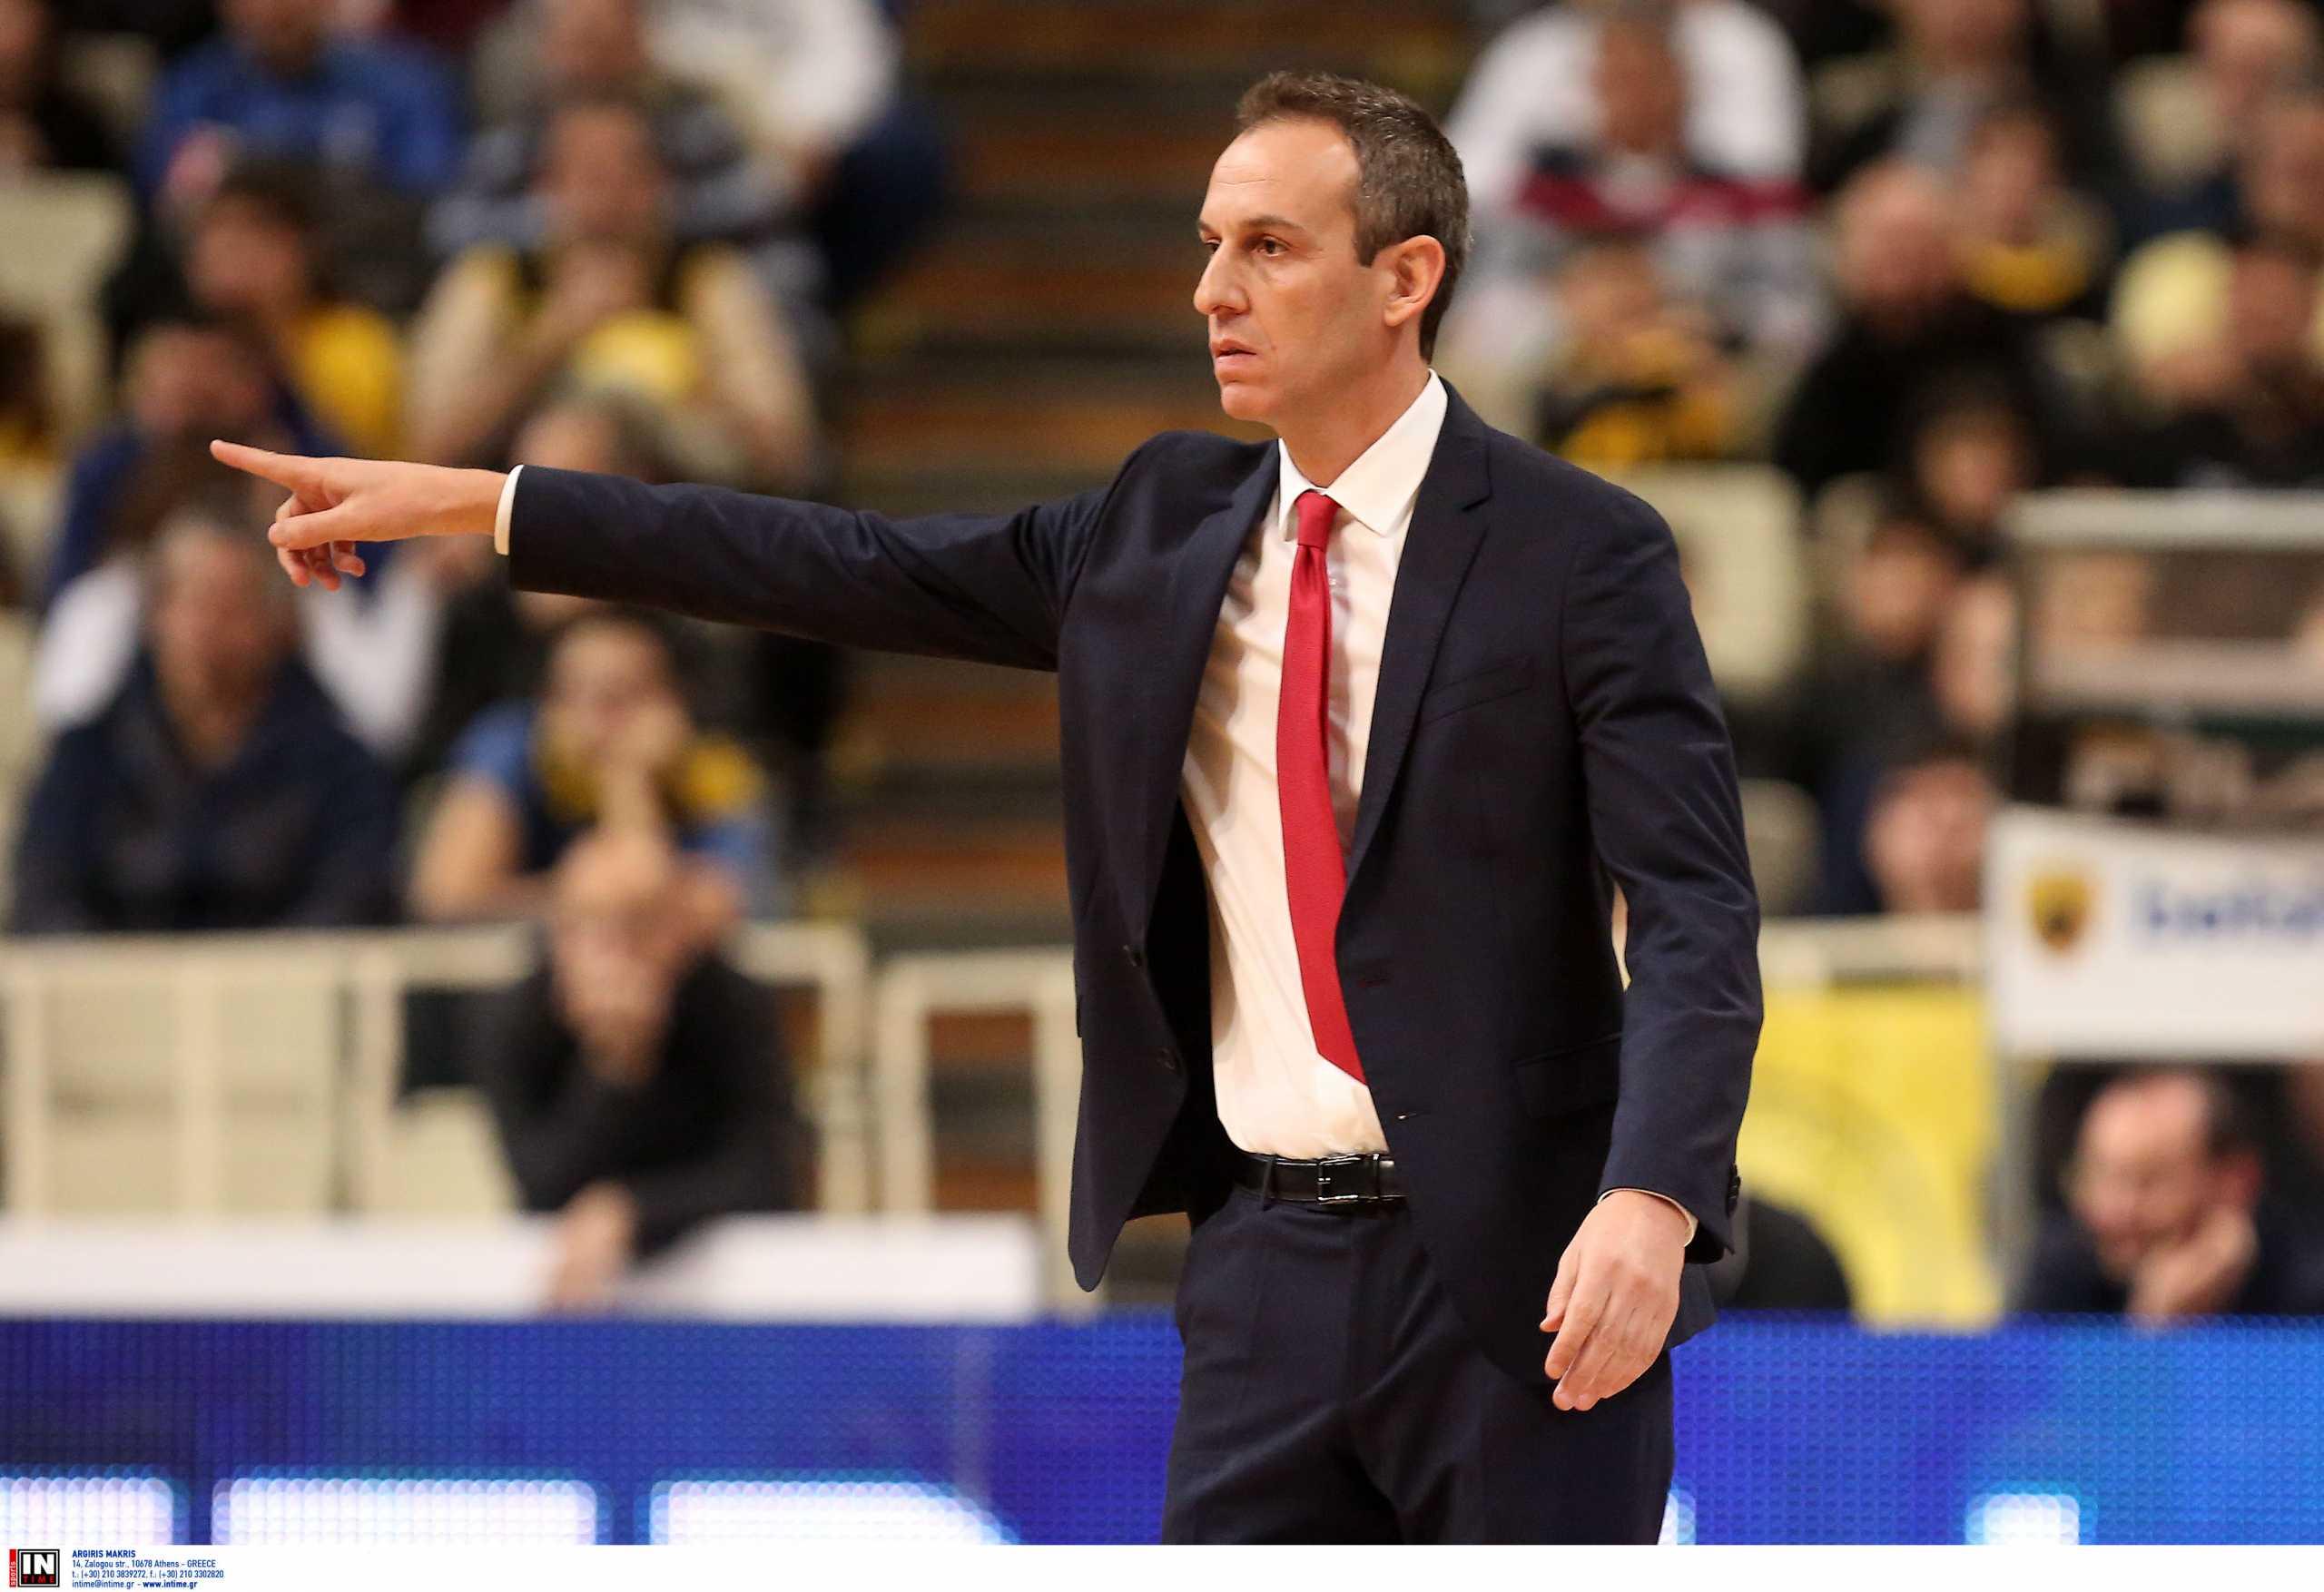 Παναθηναϊκός: «Ο Κάτας φαβορί για νέος προπονητής του τριφυλλιού» λένε στο Ισραήλ